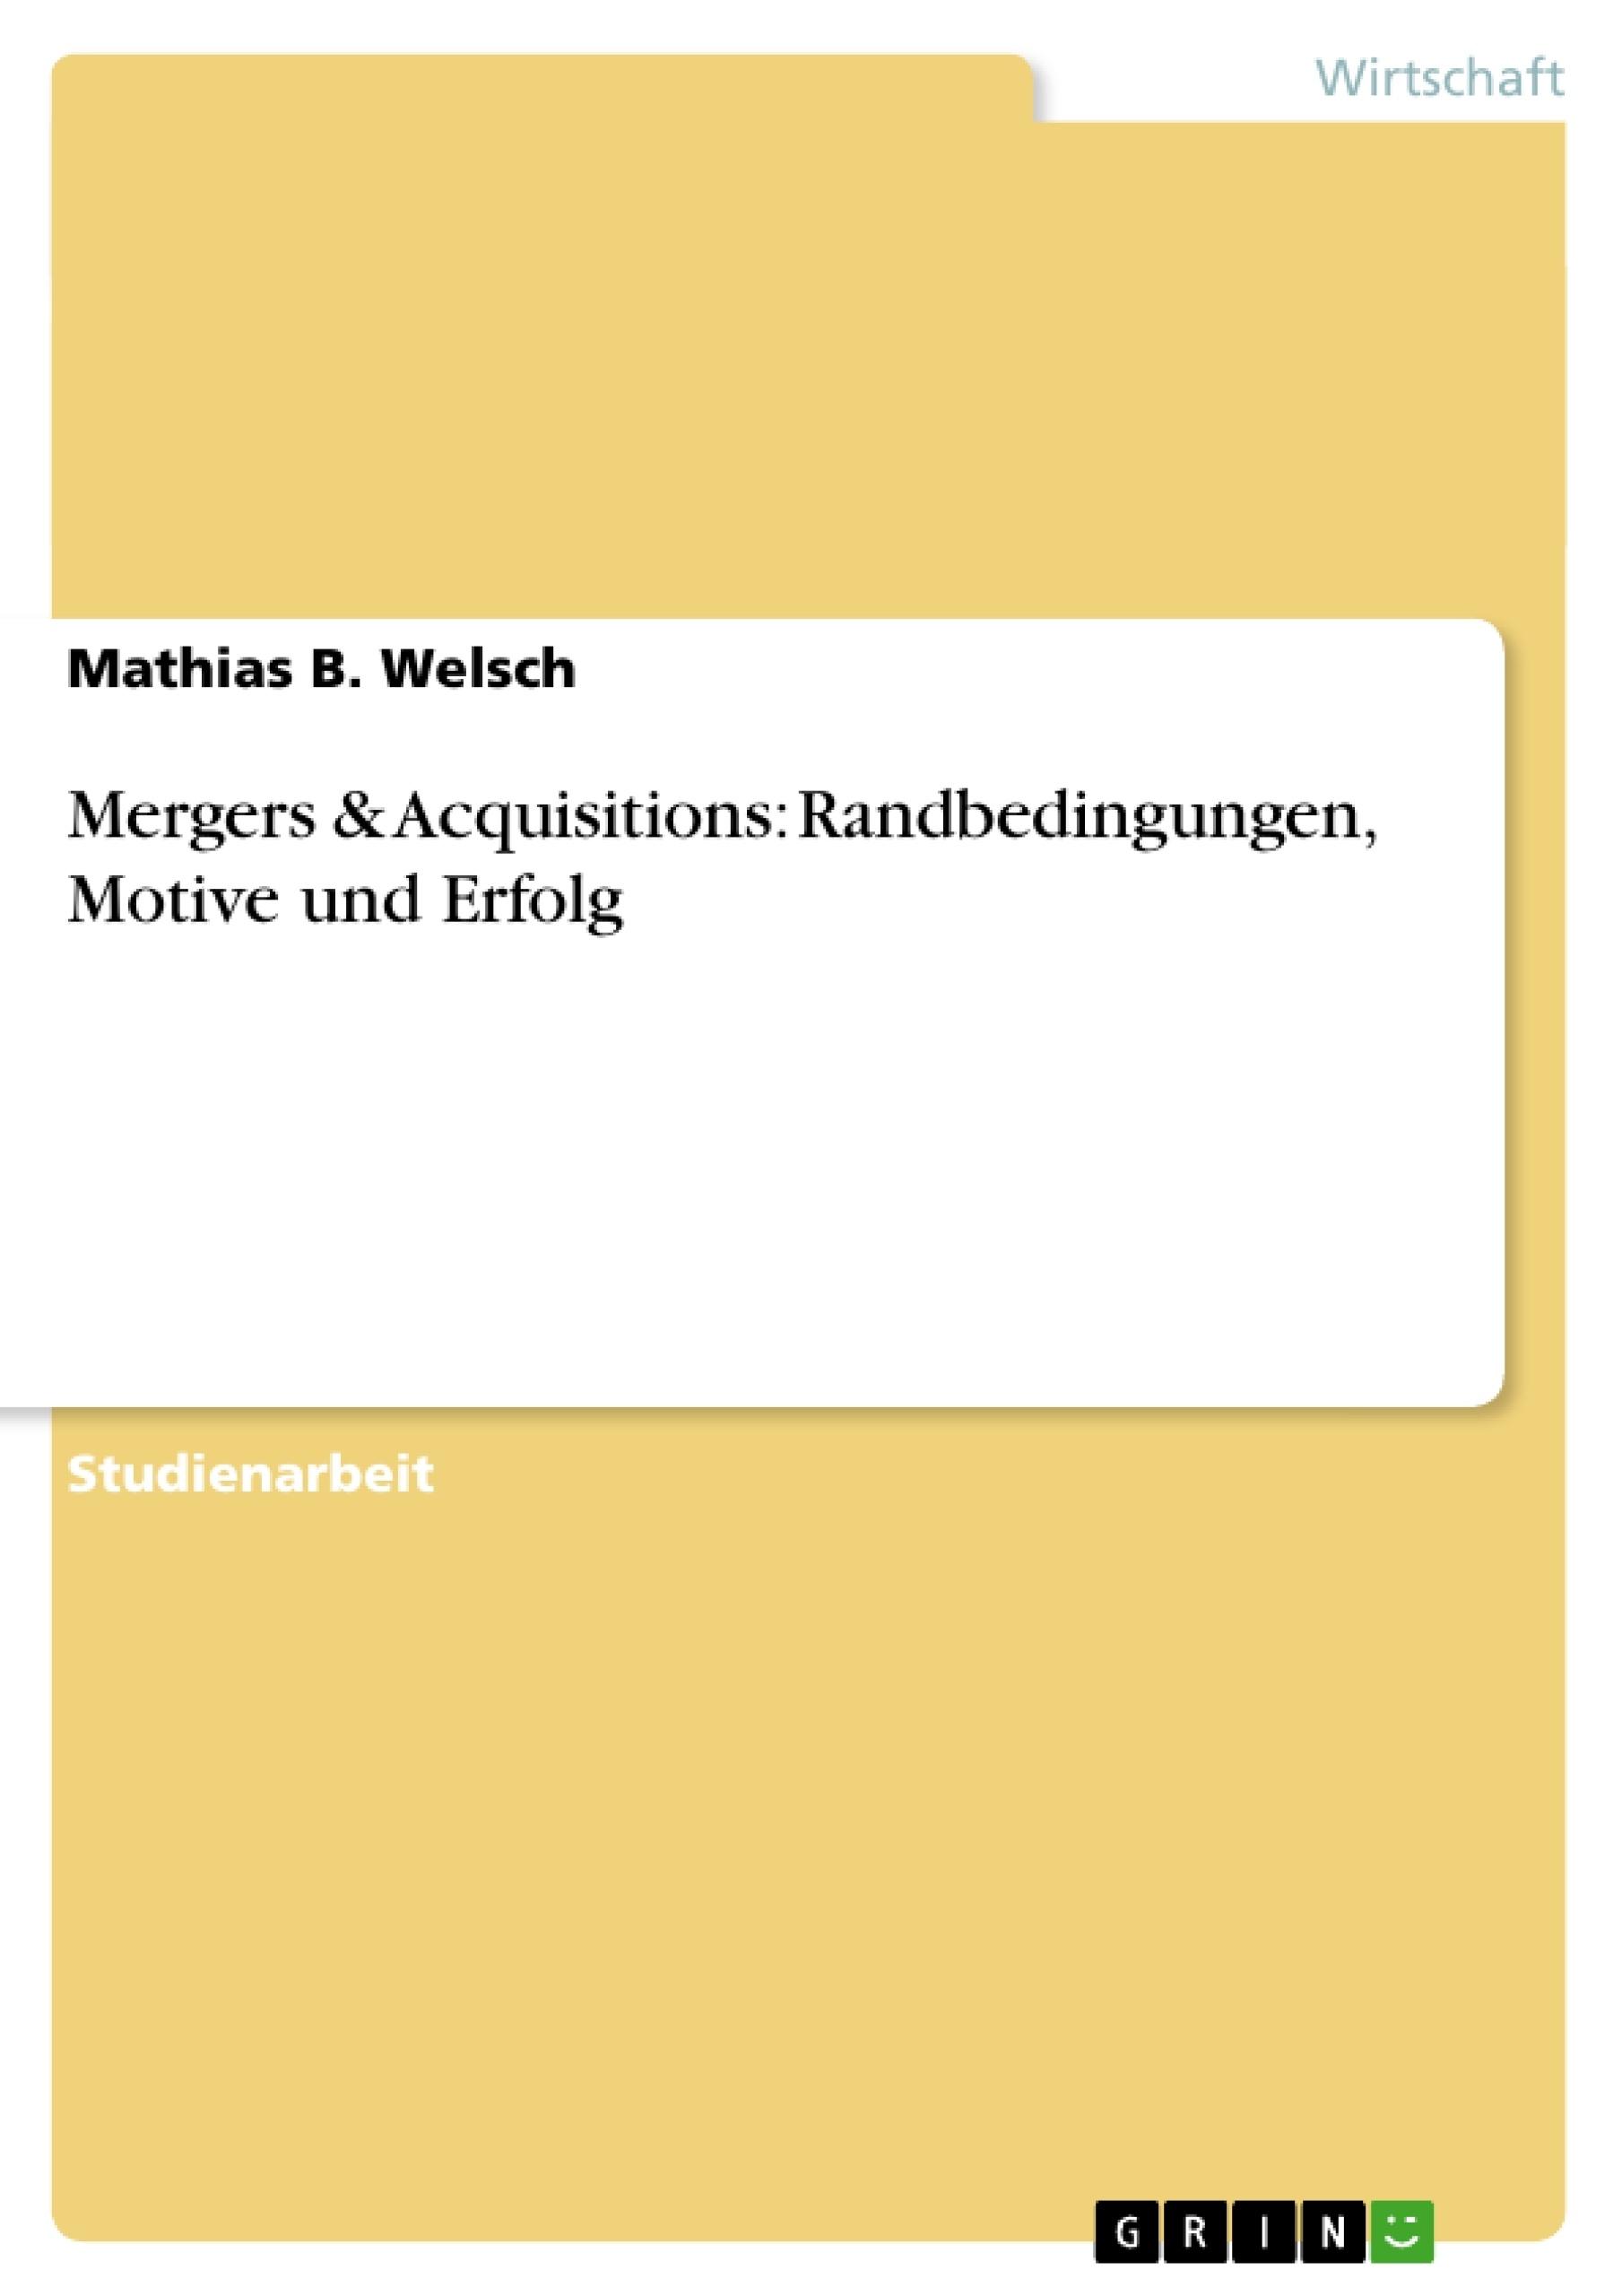 Titel: Mergers & Acquisitions: Randbedingungen, Motive und Erfolg